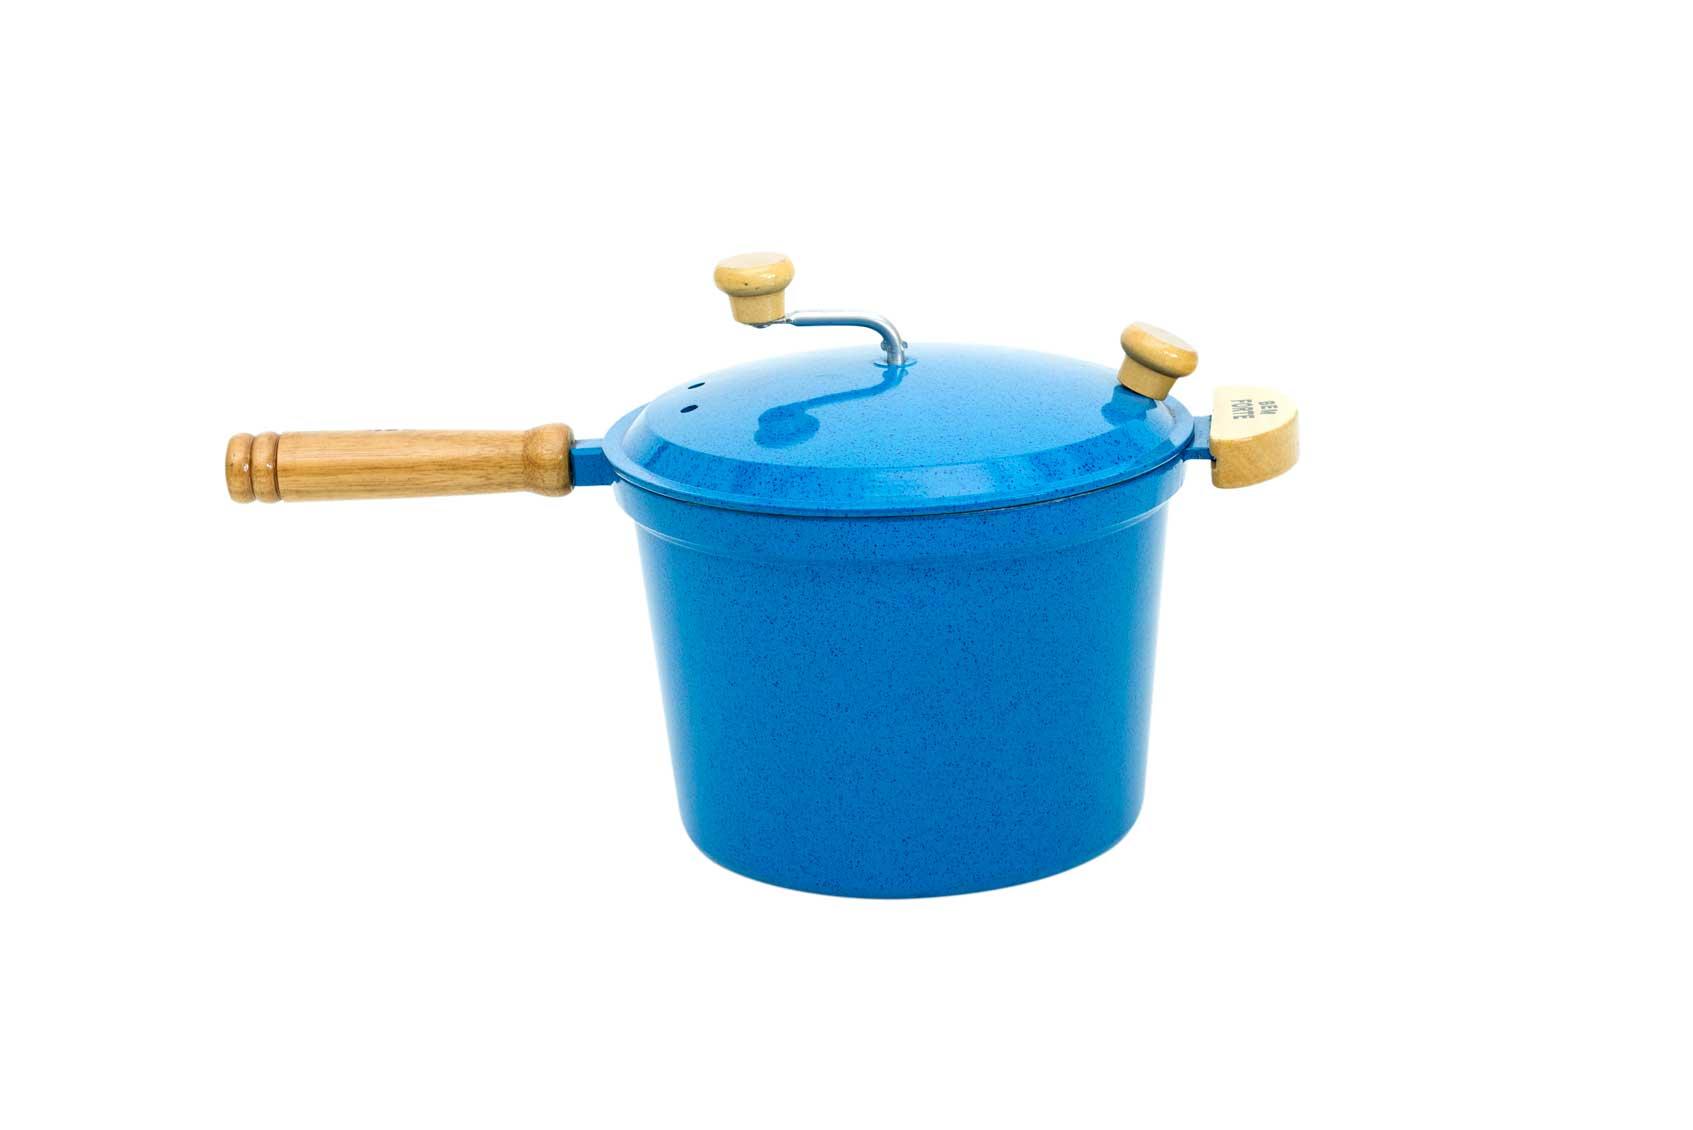 Pipoqueira Alumínio Fundido - Azul Mesclado